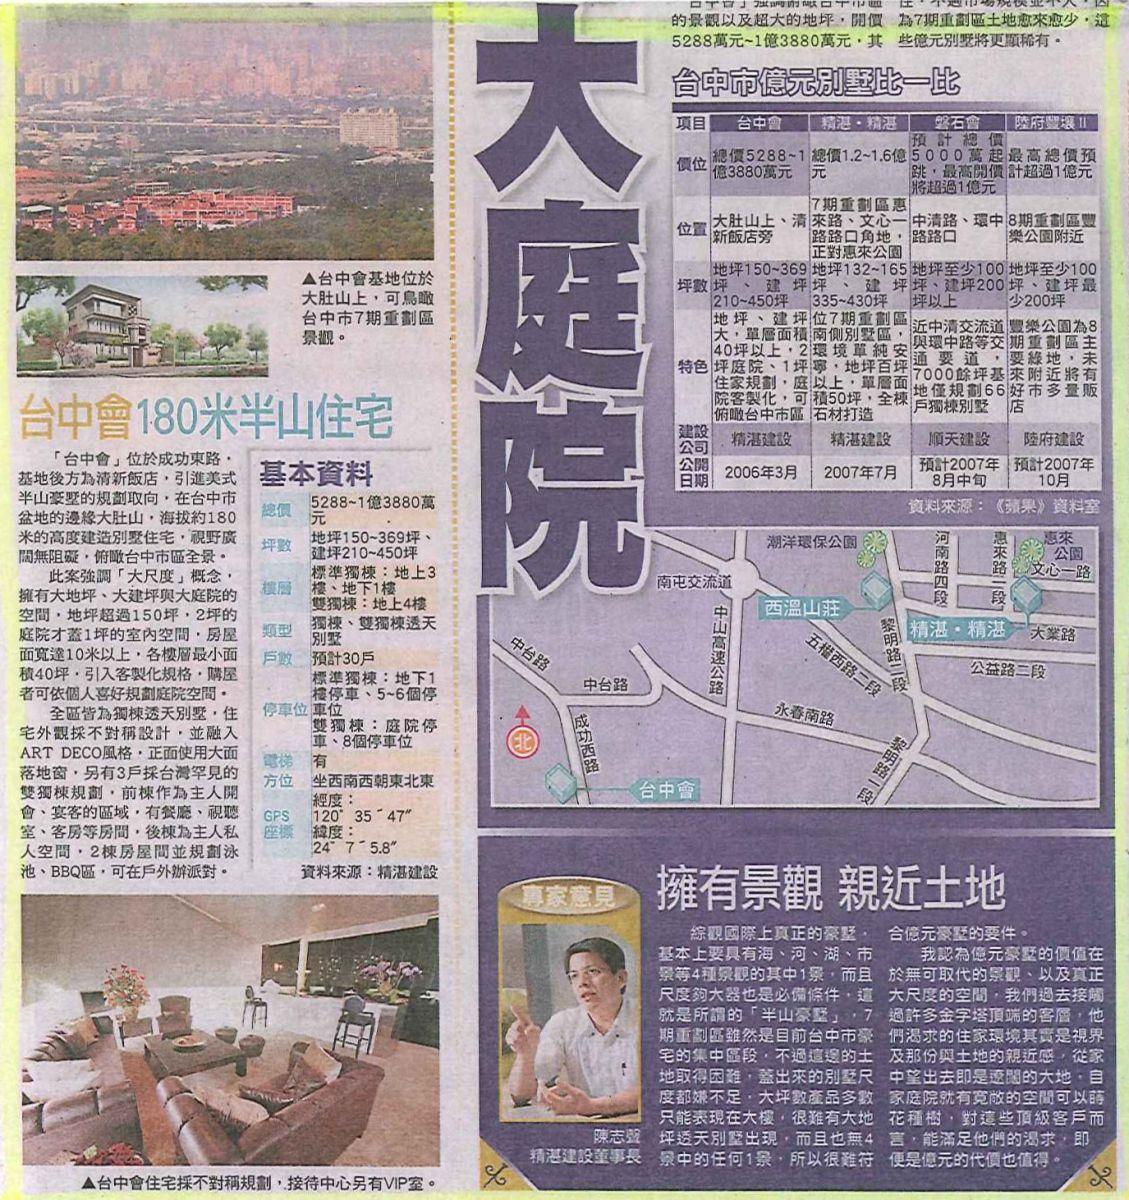 20070719 蘋果日報_大庭院 台中市億元別墅比一比 專家意見 擁有景觀 親近土地